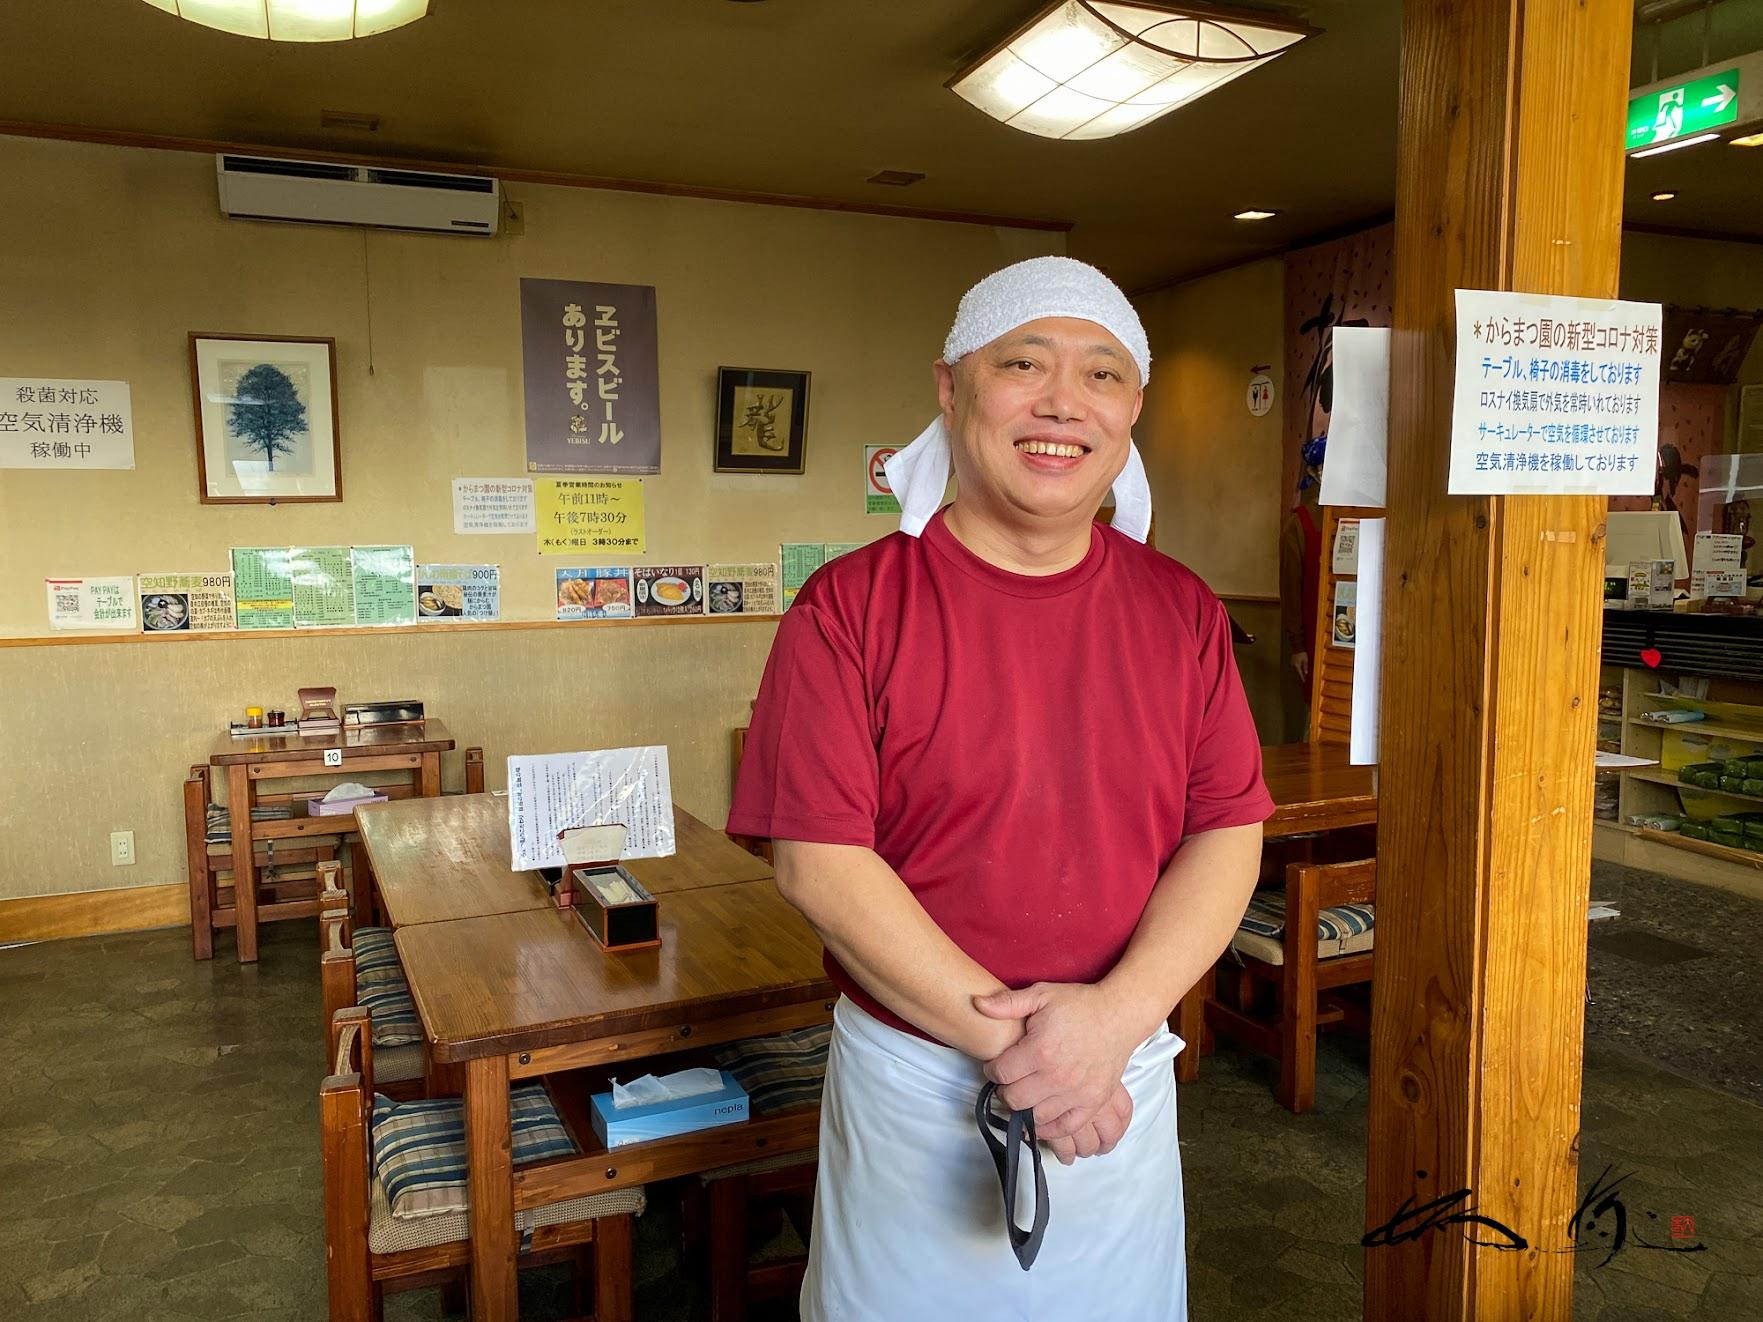 蕎麦処 からまつ園・佐藤正光 代表取締役社長